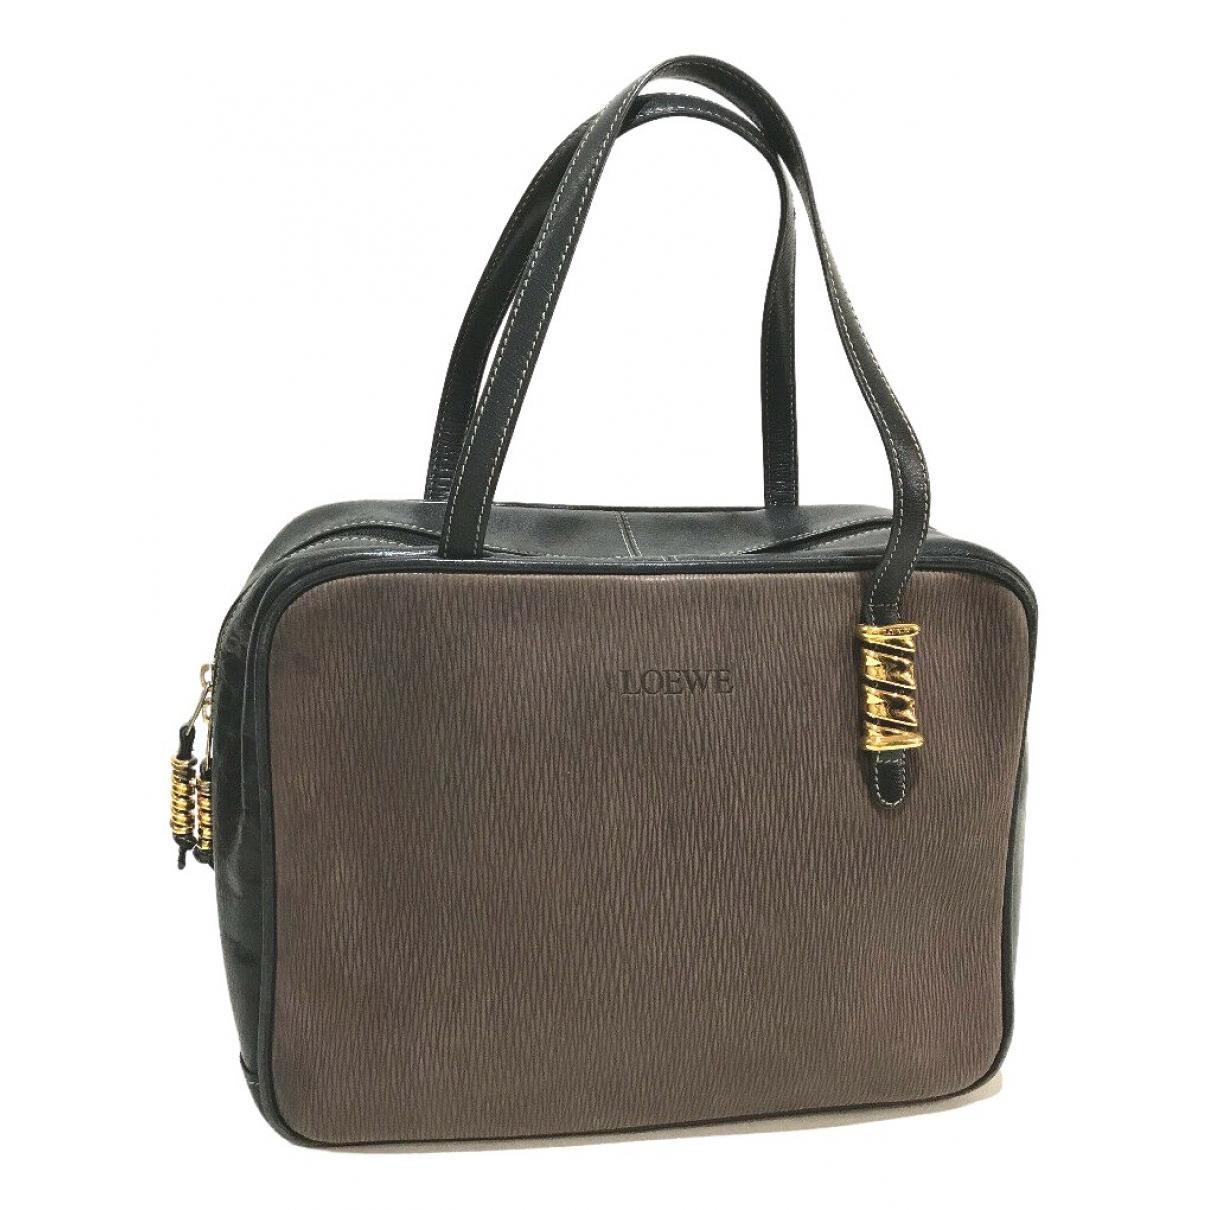 Loewe \N Handtasche in  Braun Leder